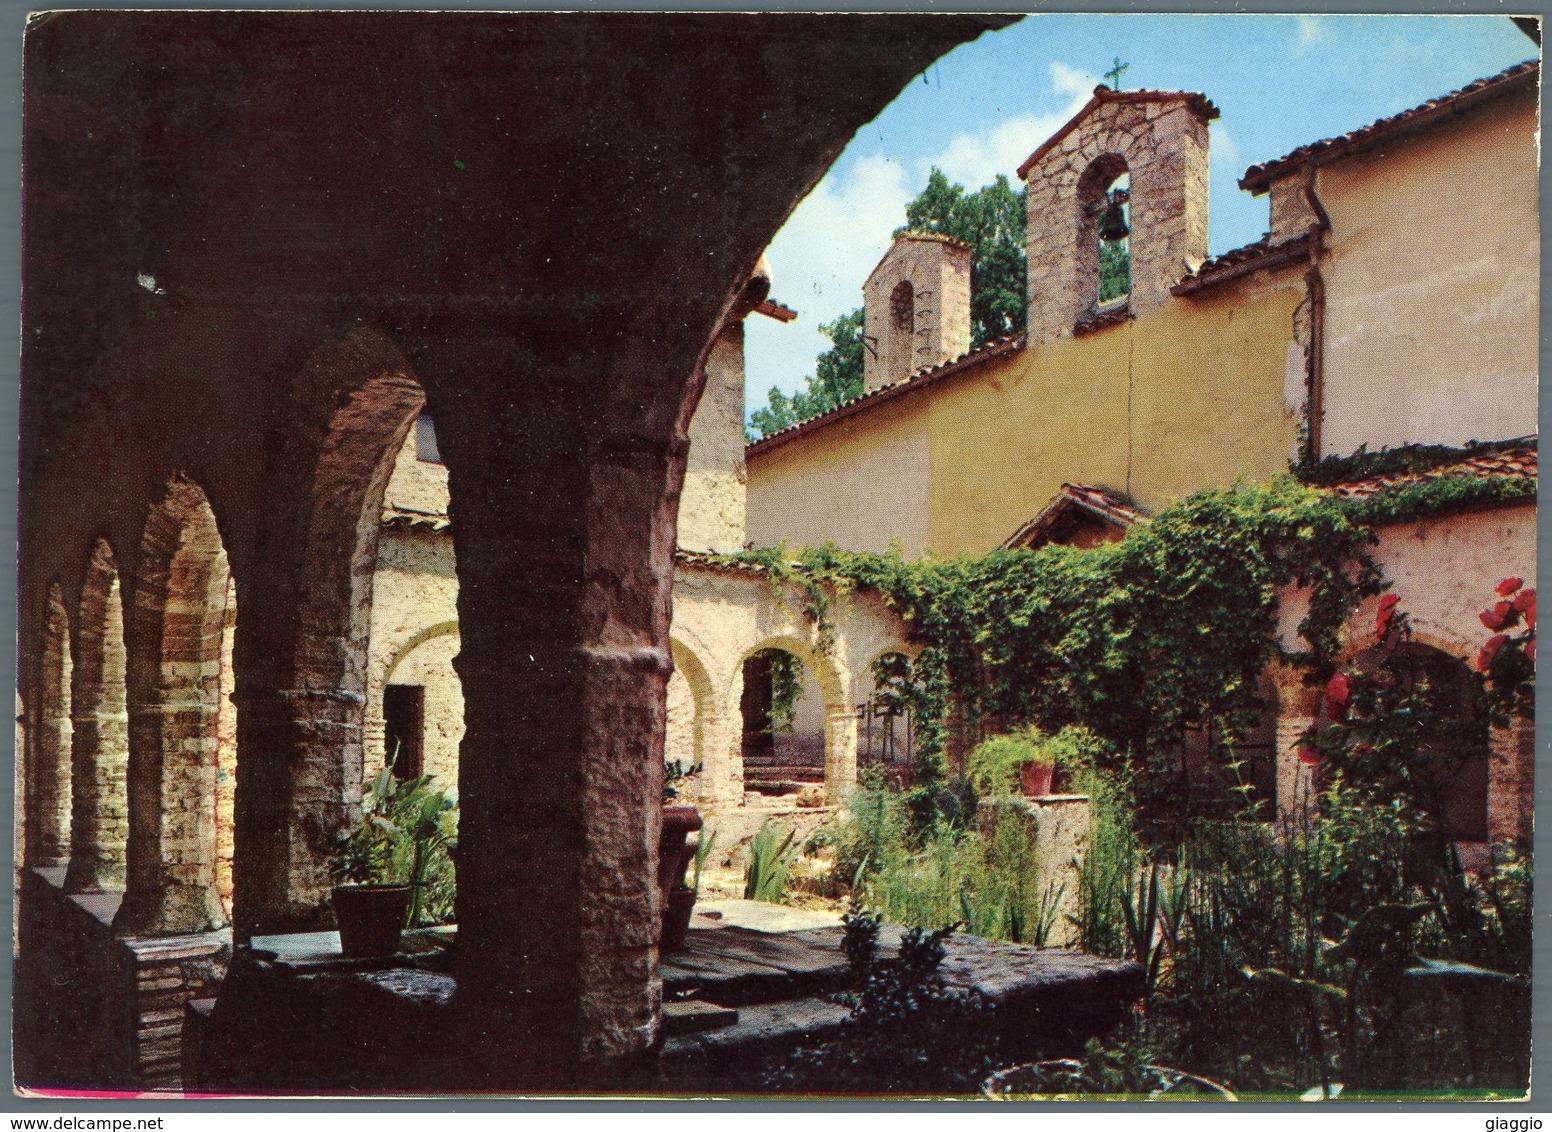 °°° Cartolina N. 7 Rieti Santuario Della Foresta Chiostro Viaggiata °°° - Rieti